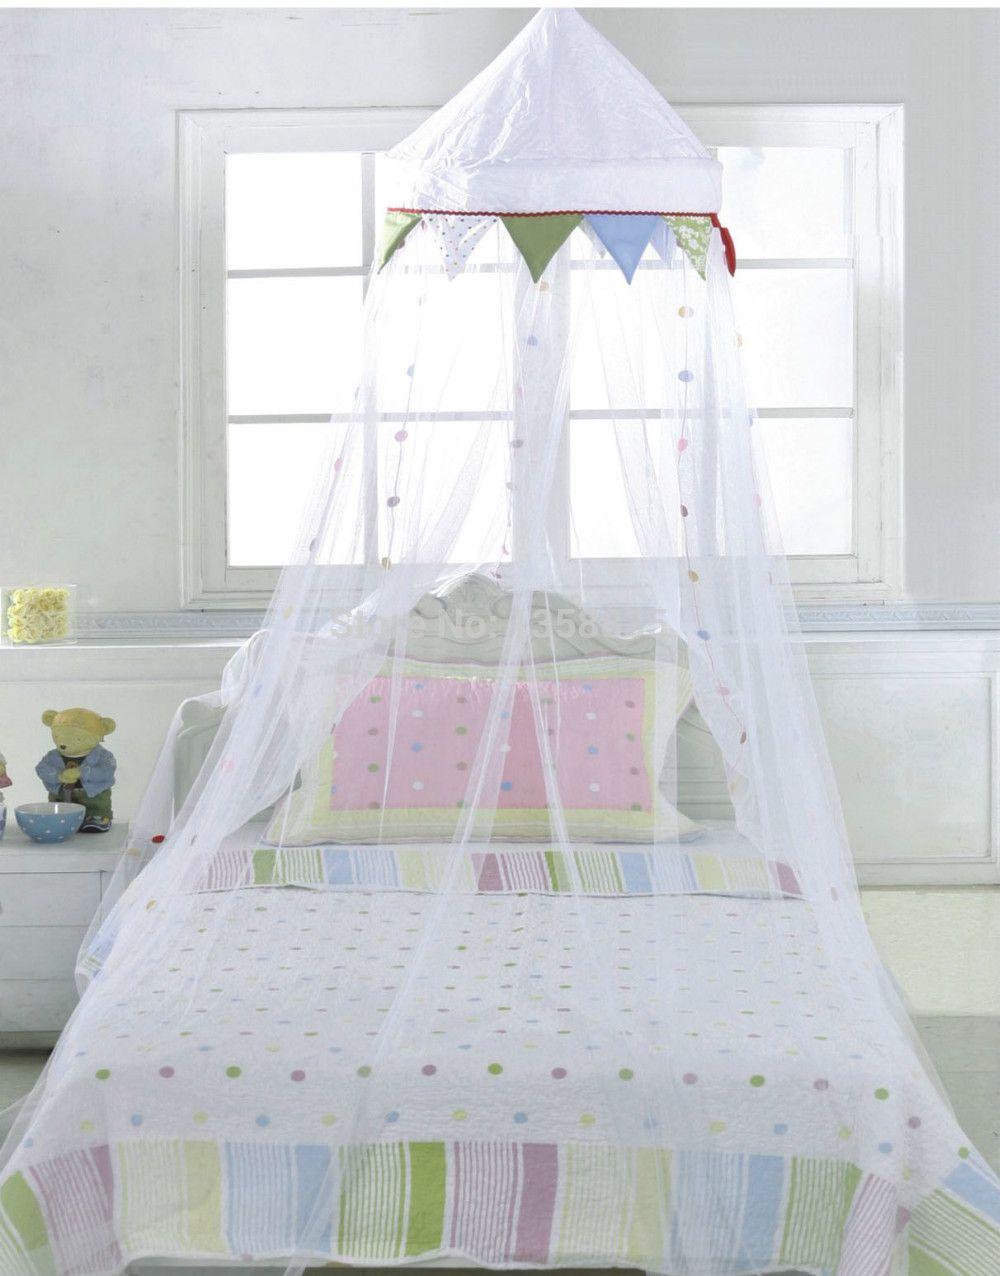 Baby bed ikea uk - Free Shippinig Ikea Child Bed Baby Mosquito Net Gauze Folding Dome